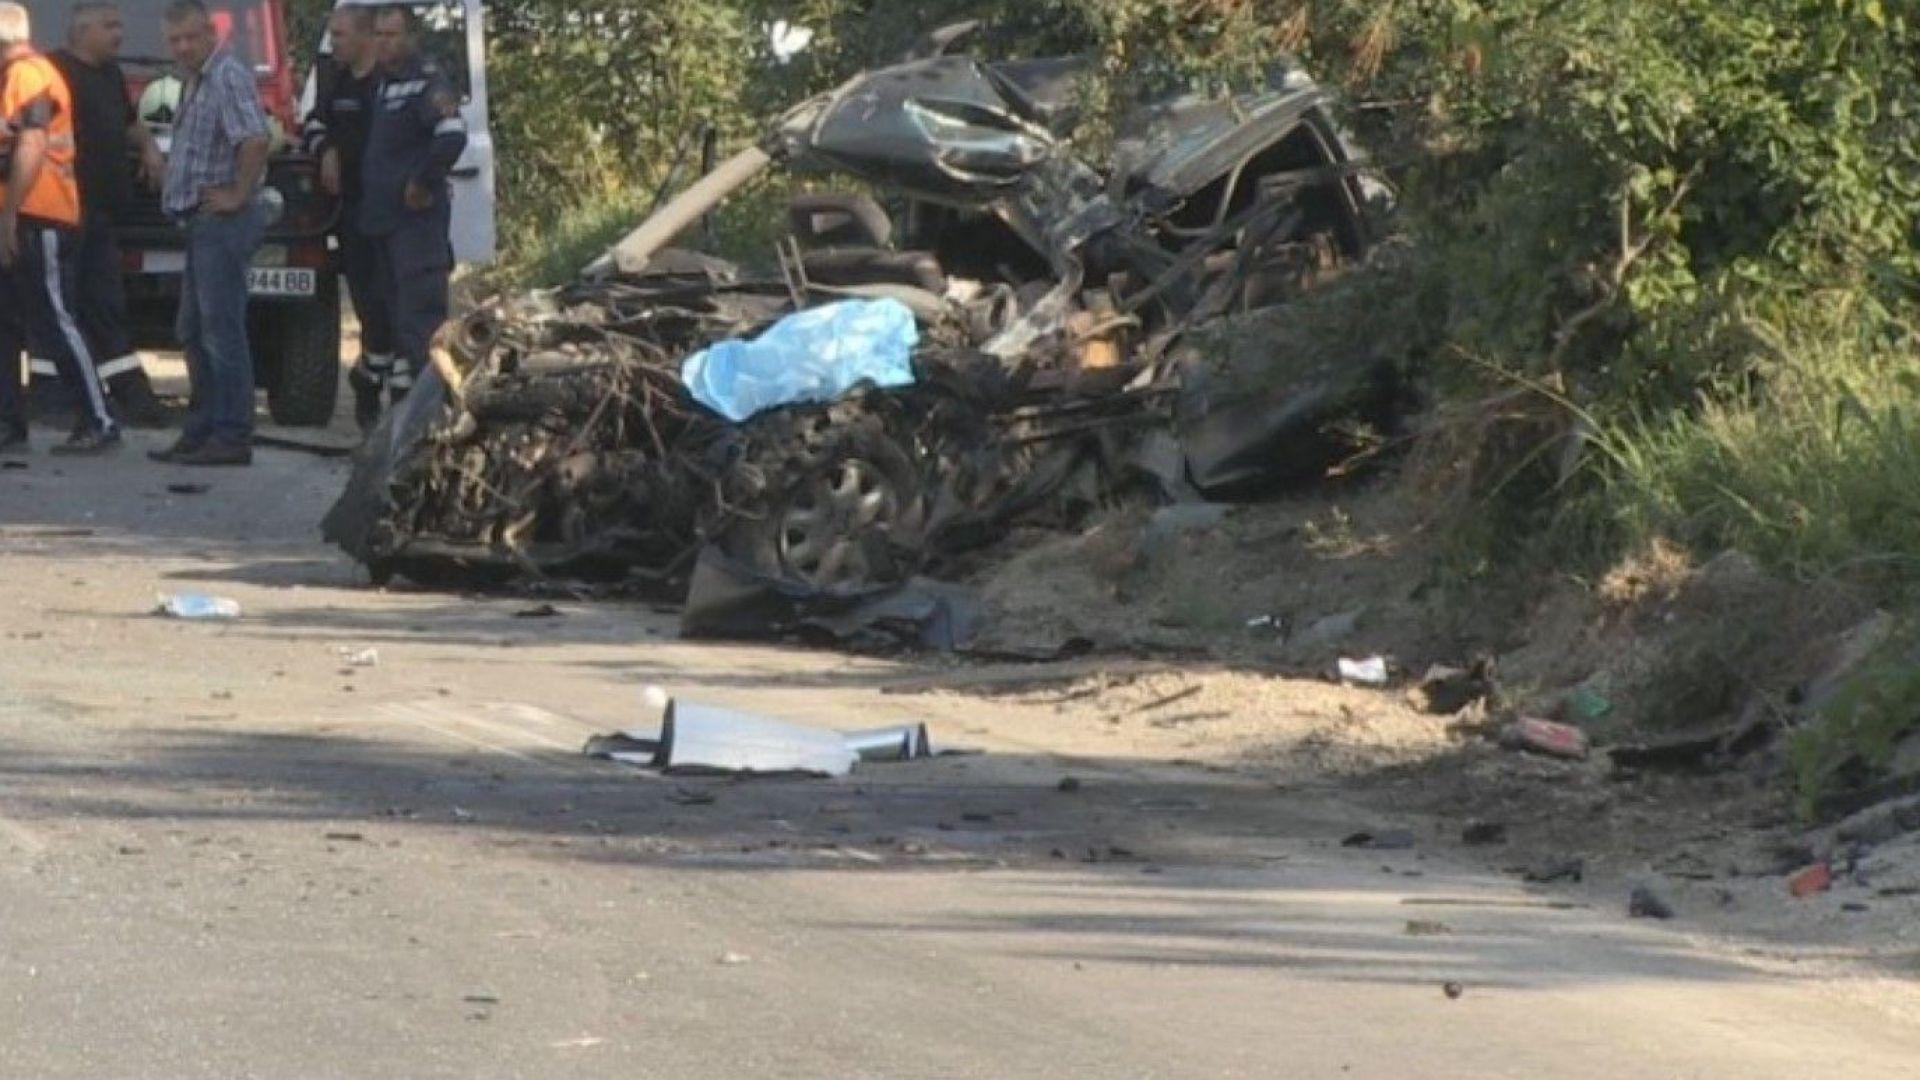 Шофьор загина след удар в камион с прасета и микробус (снимки)